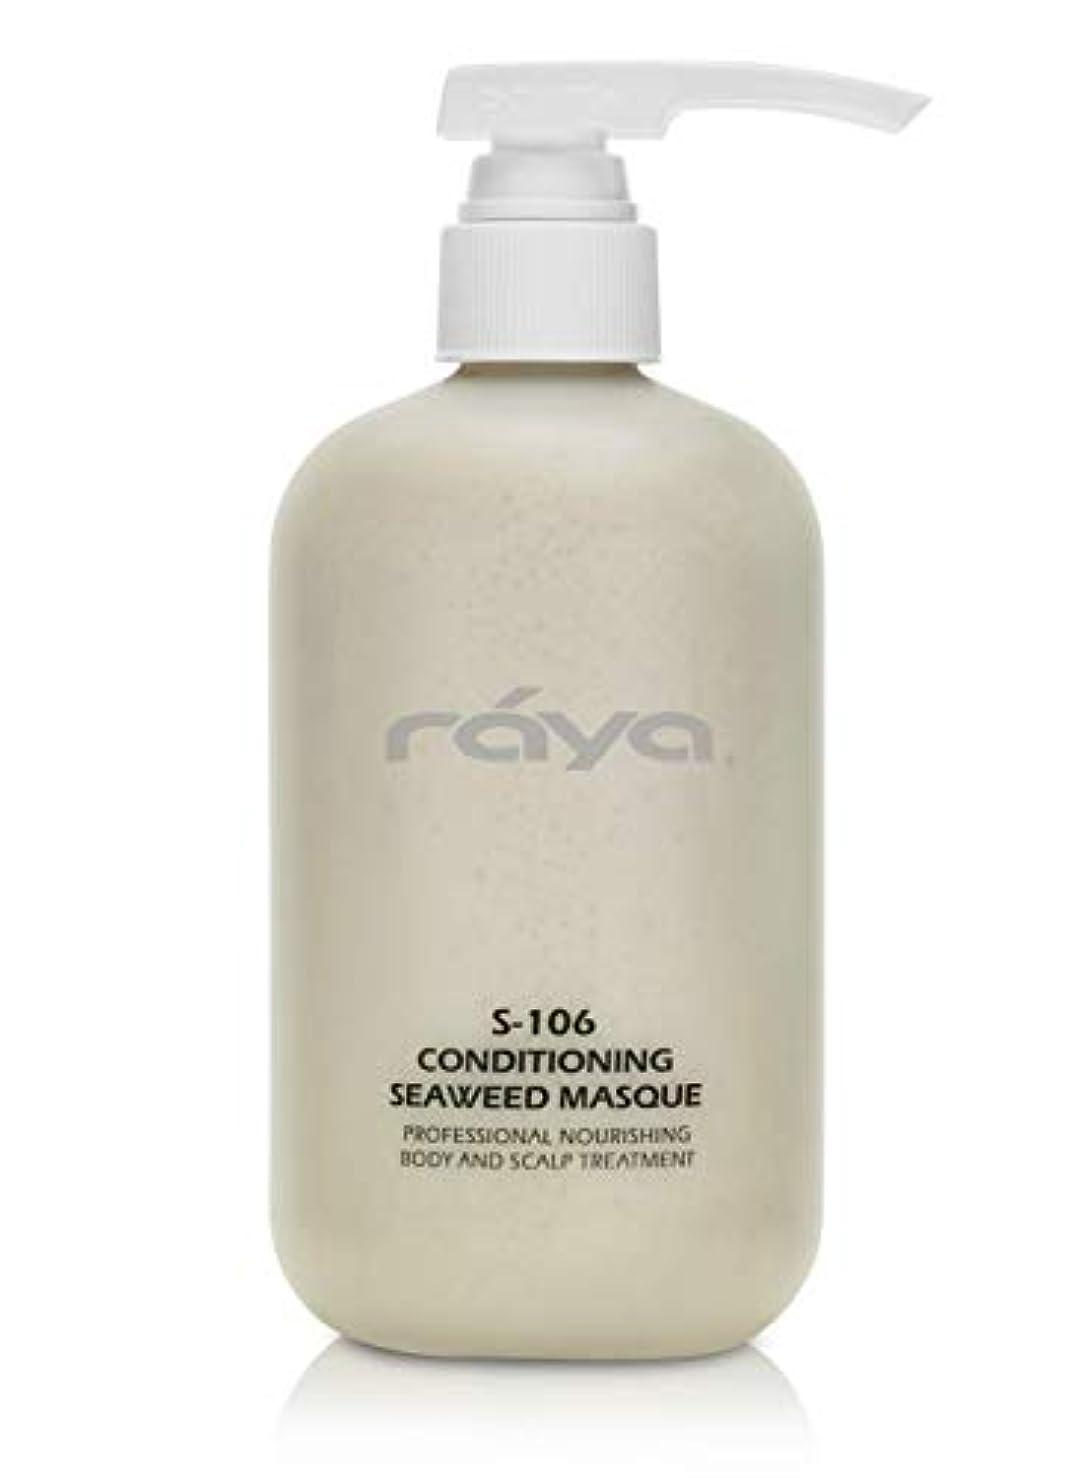 アイロニー扇動するそのようなRaya コンディショニング海藻仮面 (S-106)|栄養とビタミン豊富な髪、頭皮、およびボディトリートメントマスク|オールスキンや髪のタイプのためのグレート 16 fl-oz